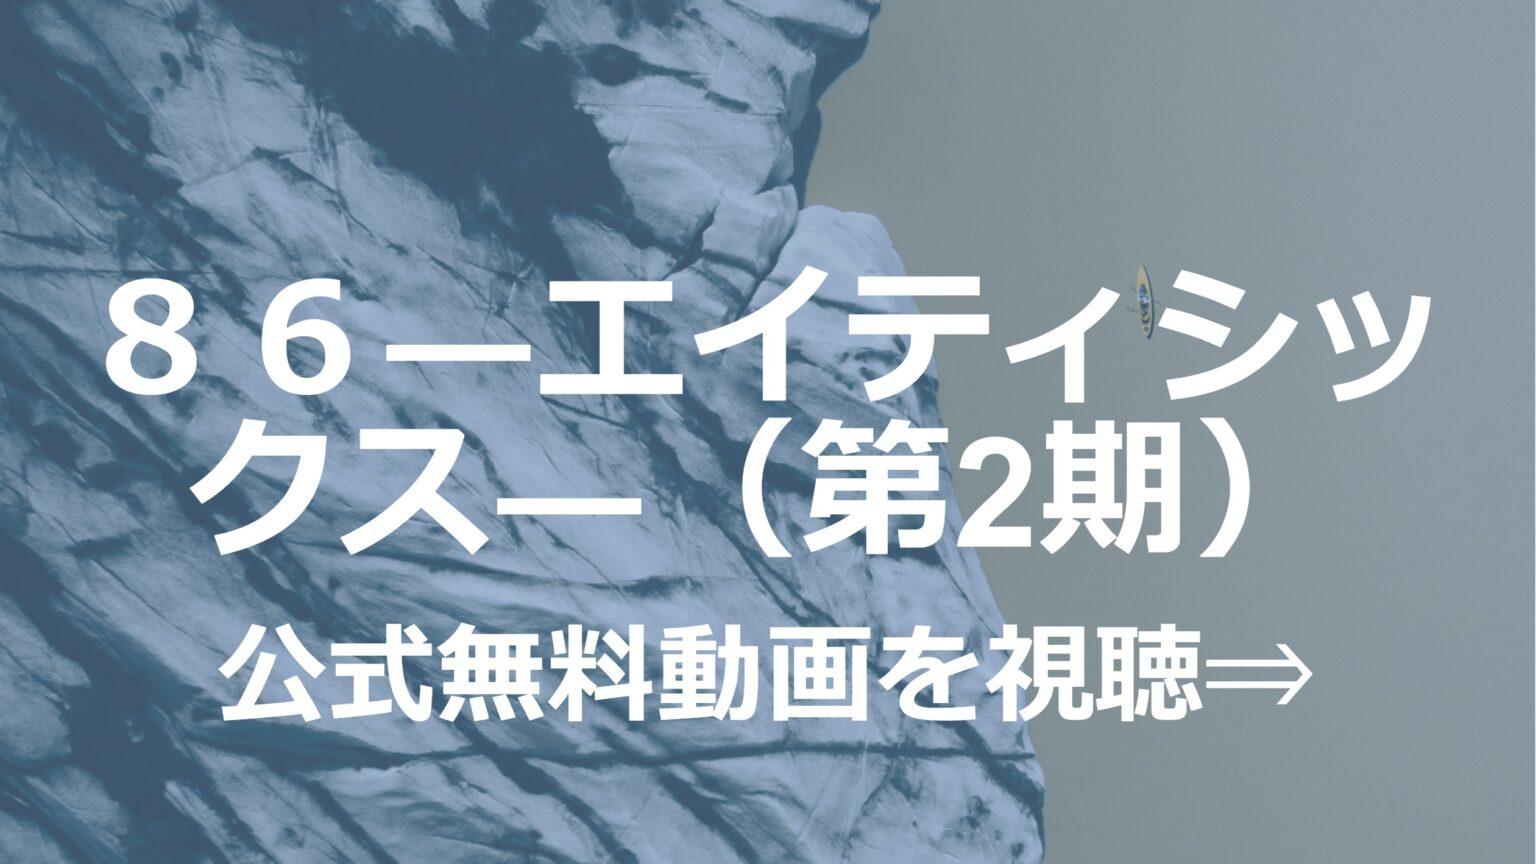 アニメ「86―エイティシックス―(第2期)」無料フル動画を1話~全話視聴できる公式配信サービスまとめ!